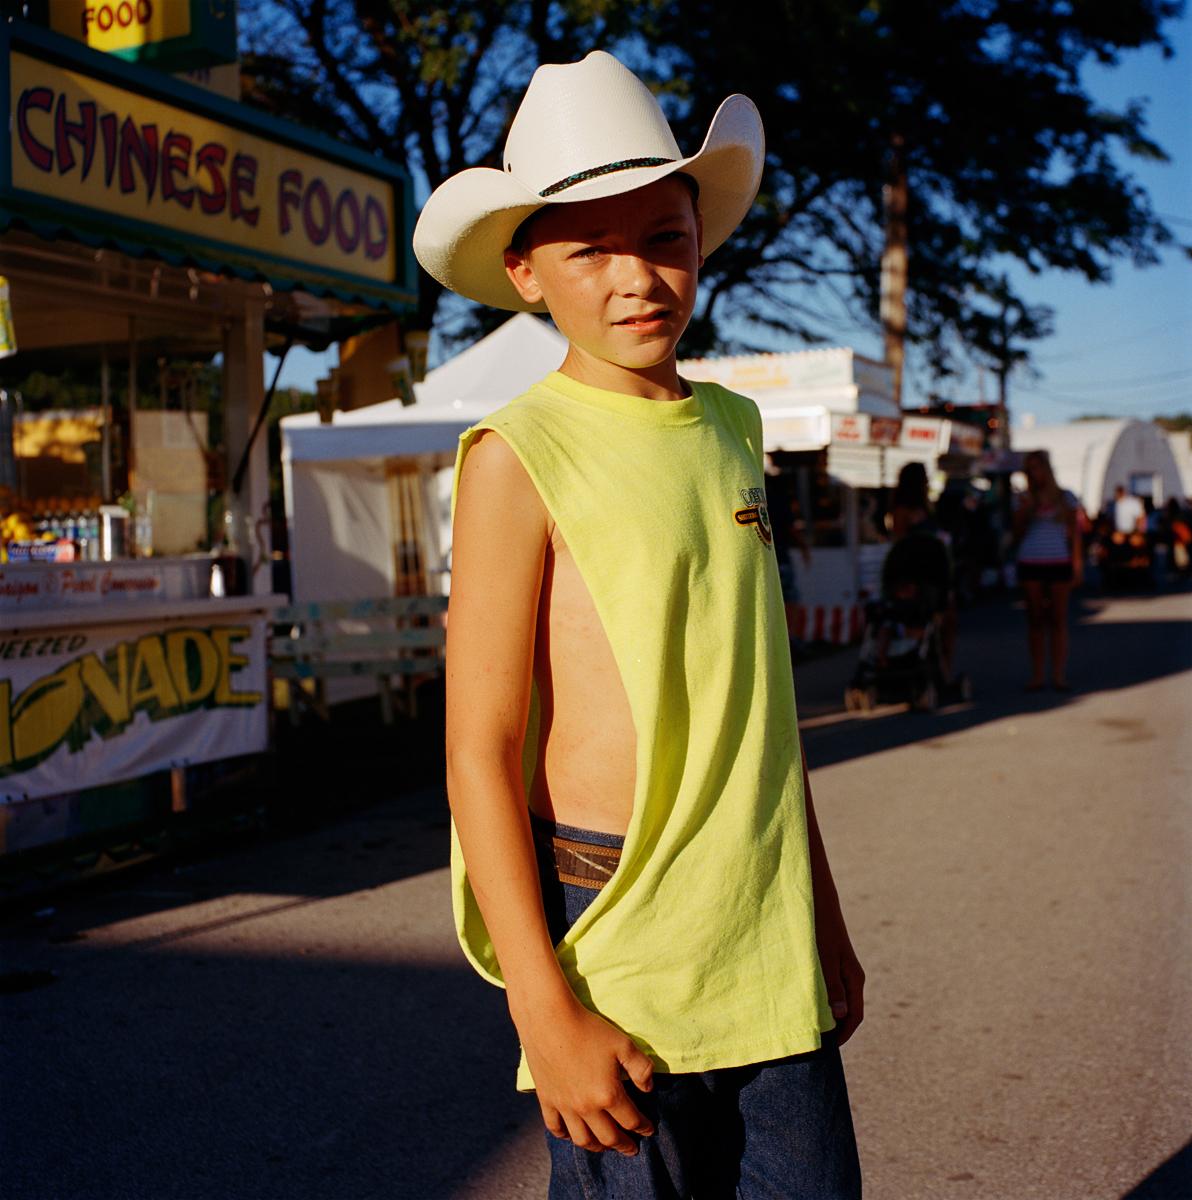 Lucas-County-Fair-Stephanie-Noritz-10.jpg